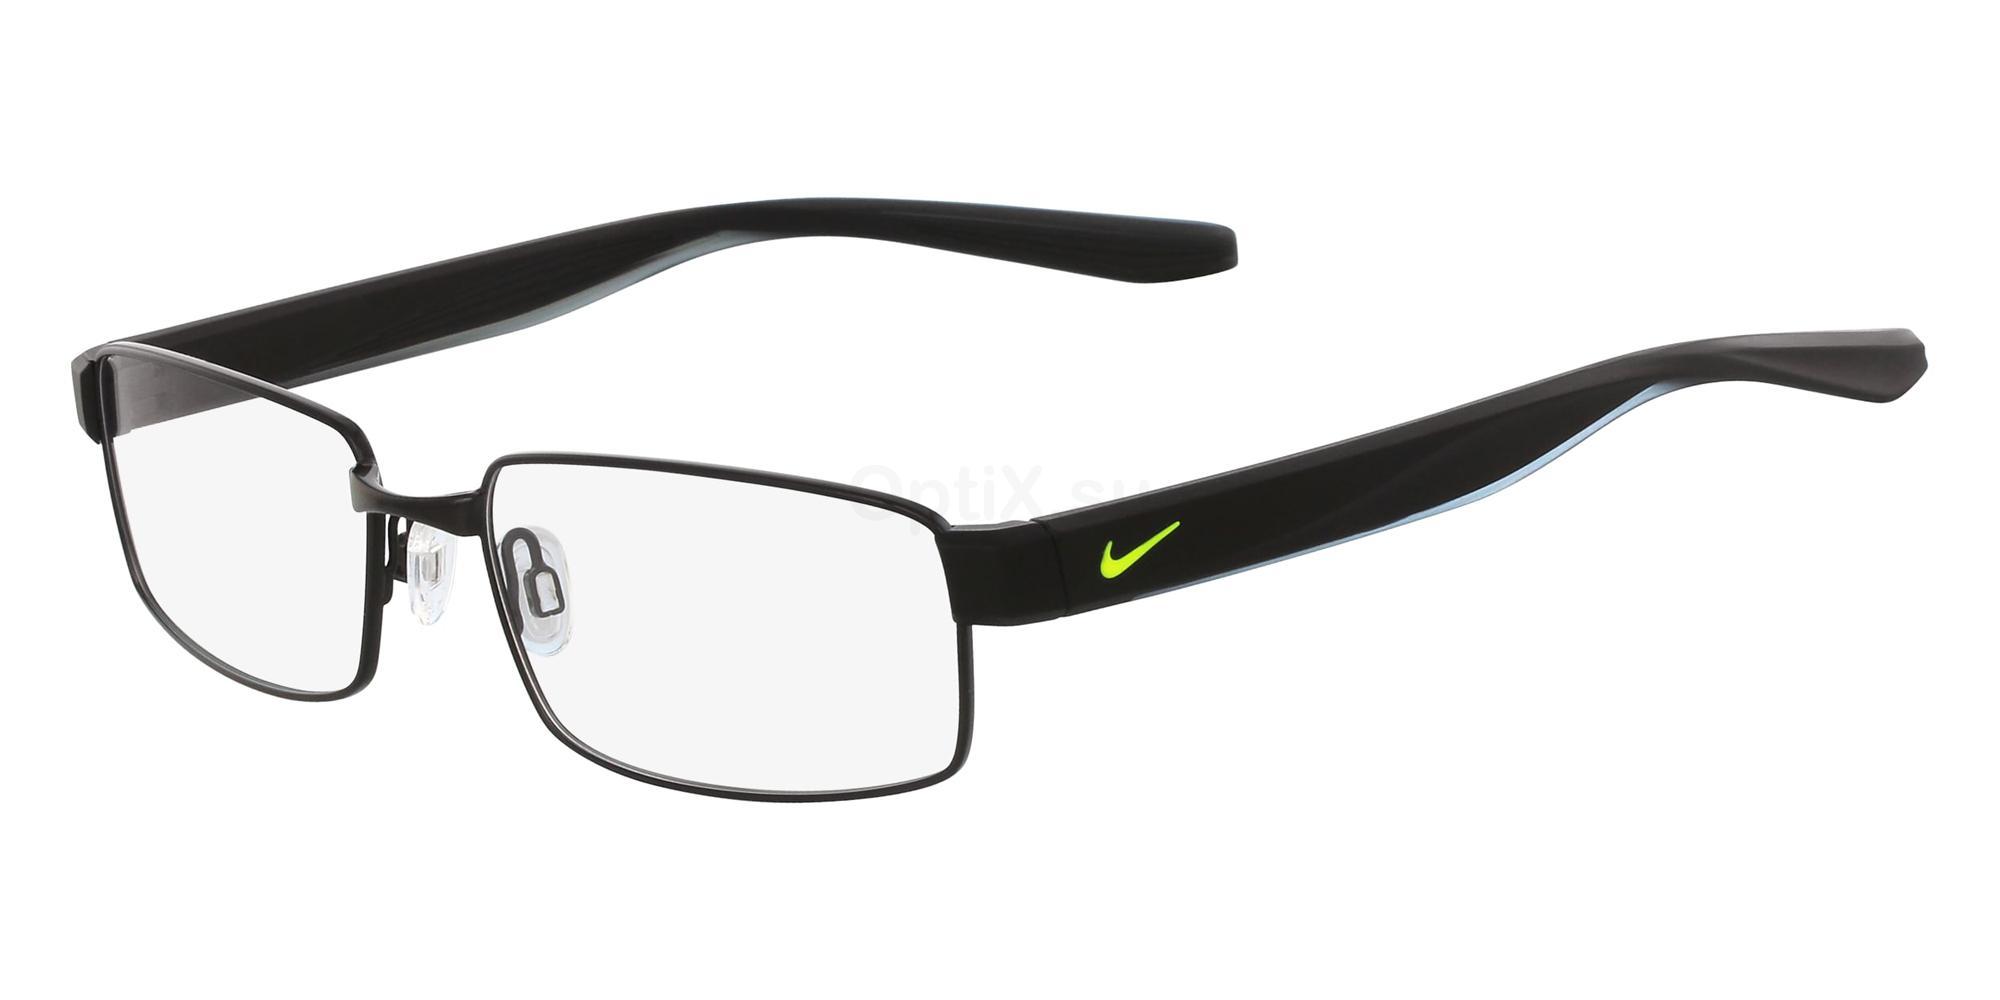 001 NIKE 8171 Glasses, Nike